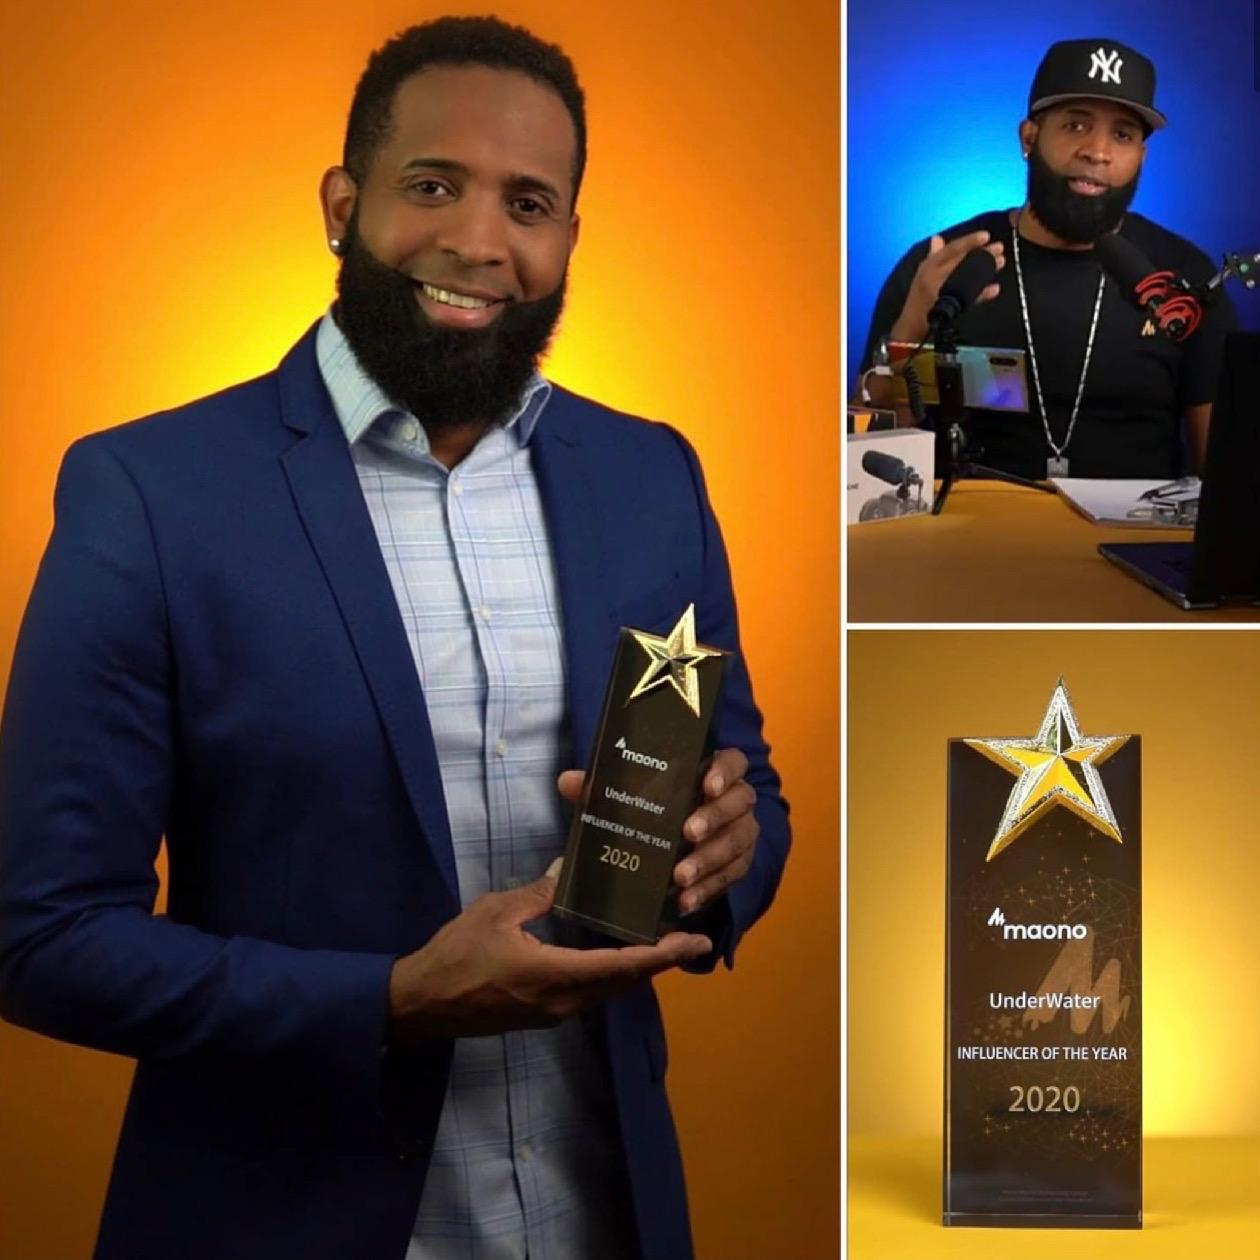 Maono otorga premio influencers del año 2020 a dominicano radicado en Boston